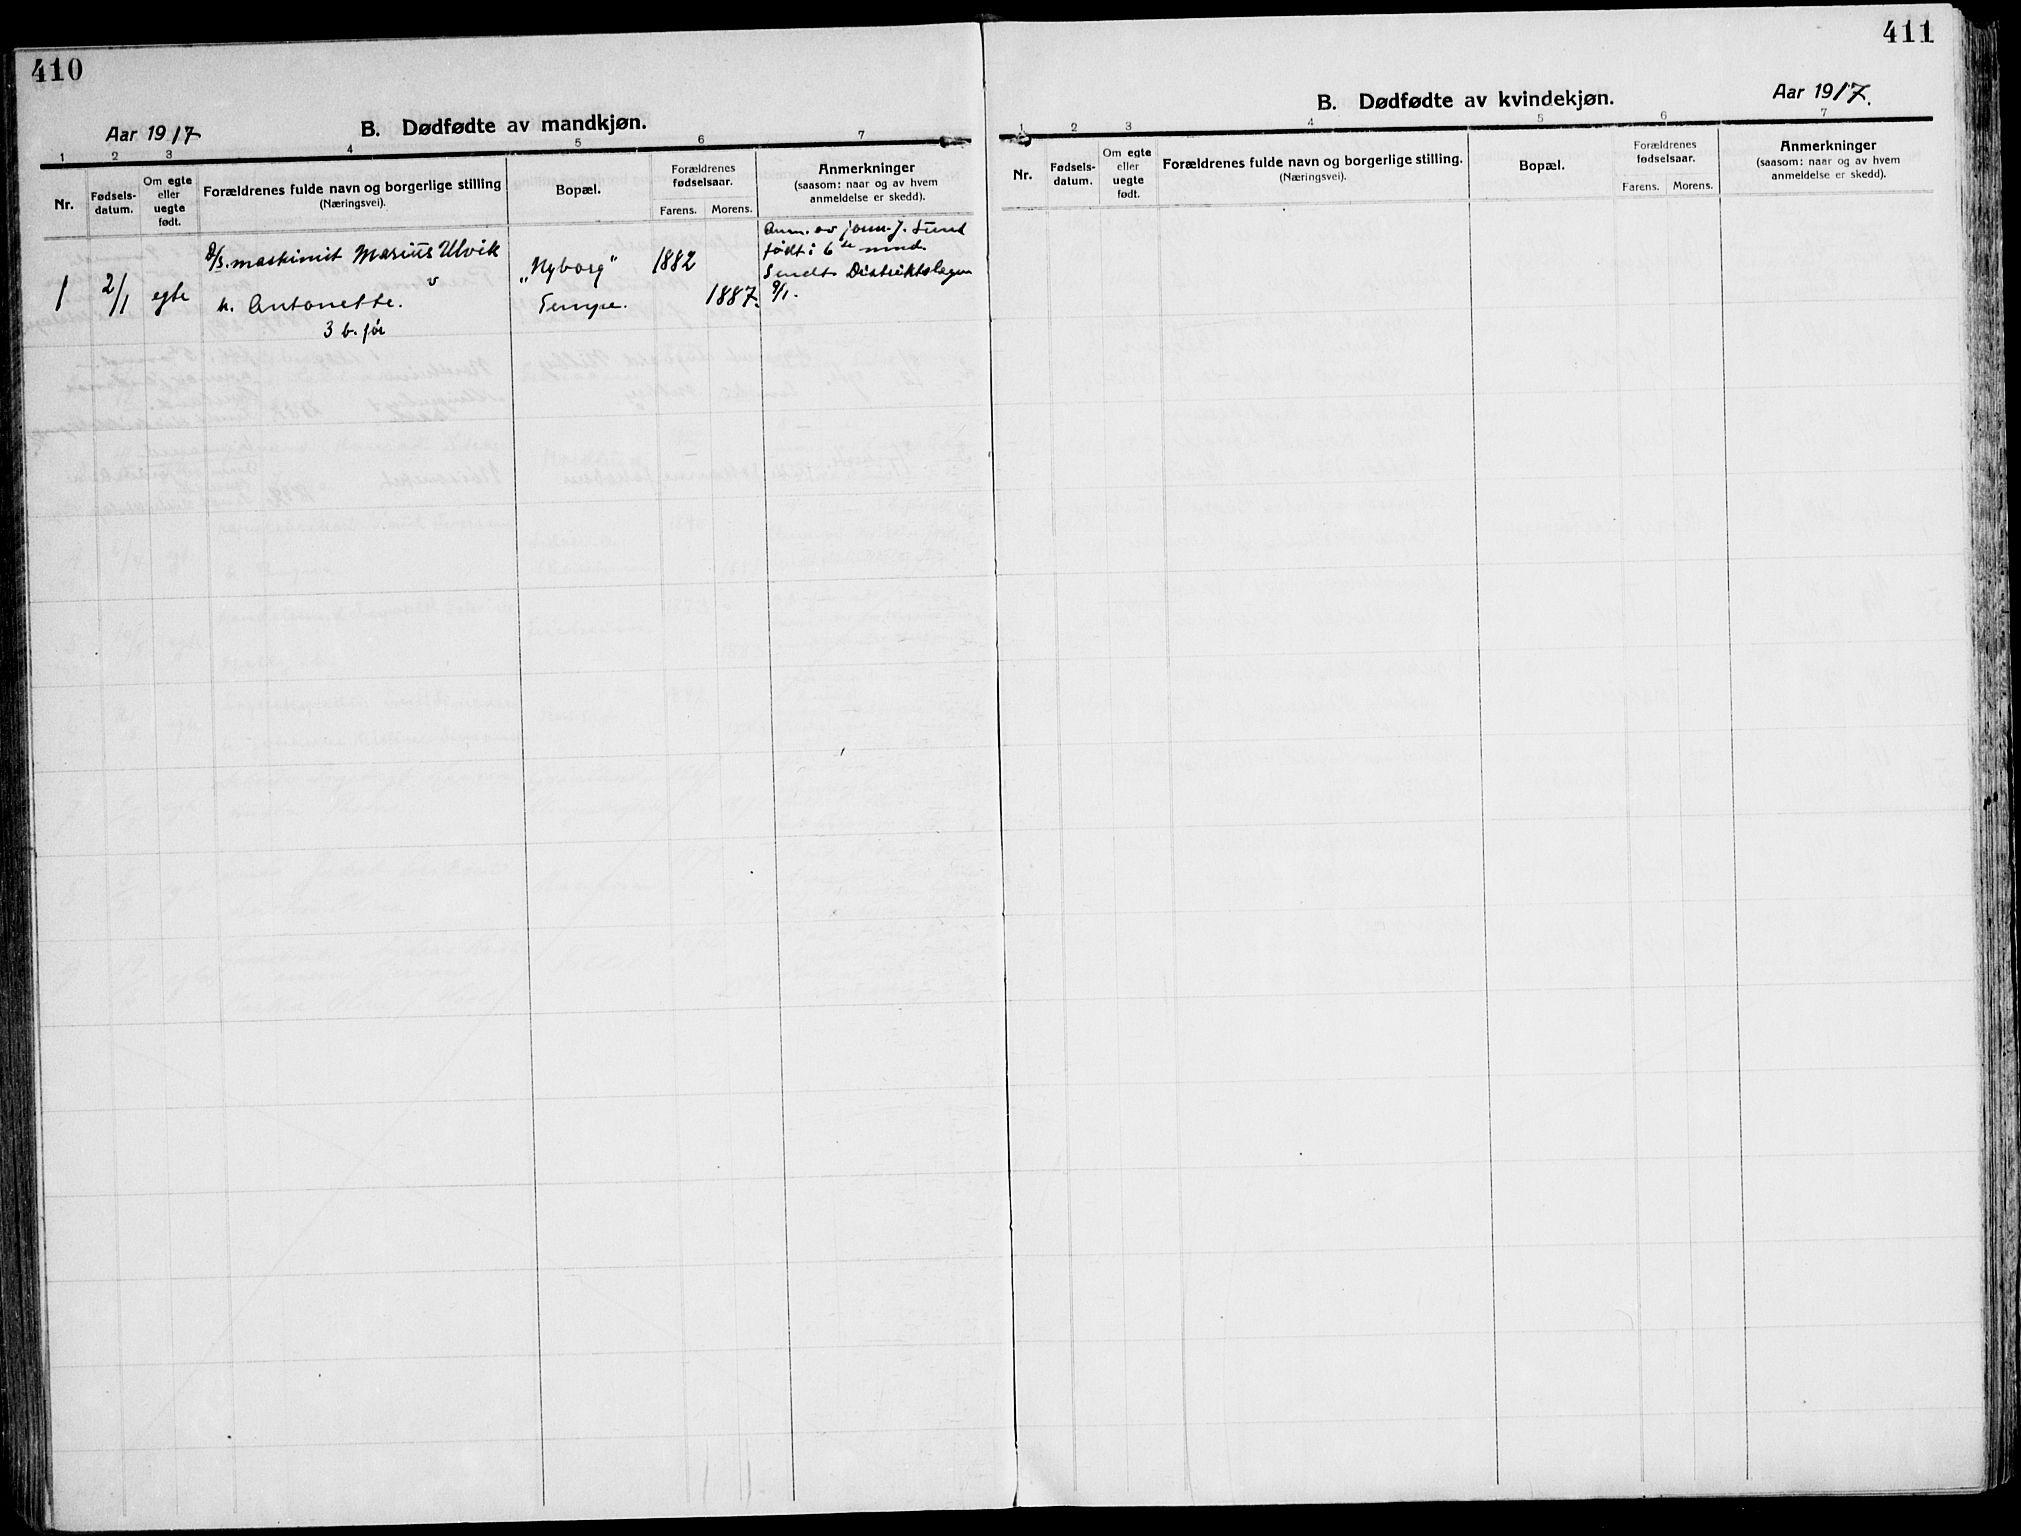 SAT, Ministerialprotokoller, klokkerbøker og fødselsregistre - Sør-Trøndelag, 607/L0321: Ministerialbok nr. 607A05, 1916-1935, s. 410-411